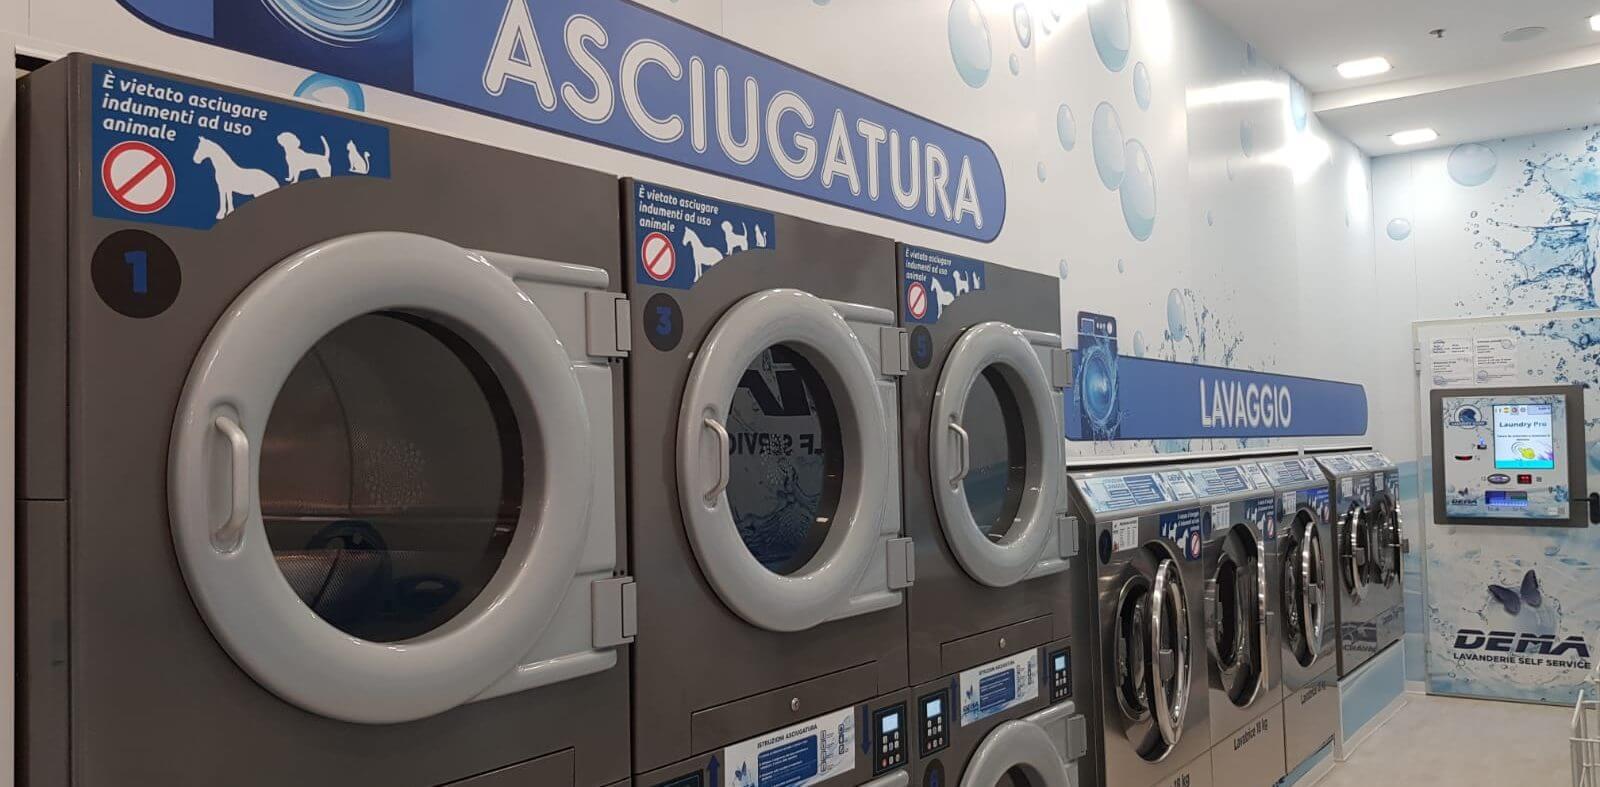 La prima azienda in italia che apre una lavanderia self service in un centro commerciale